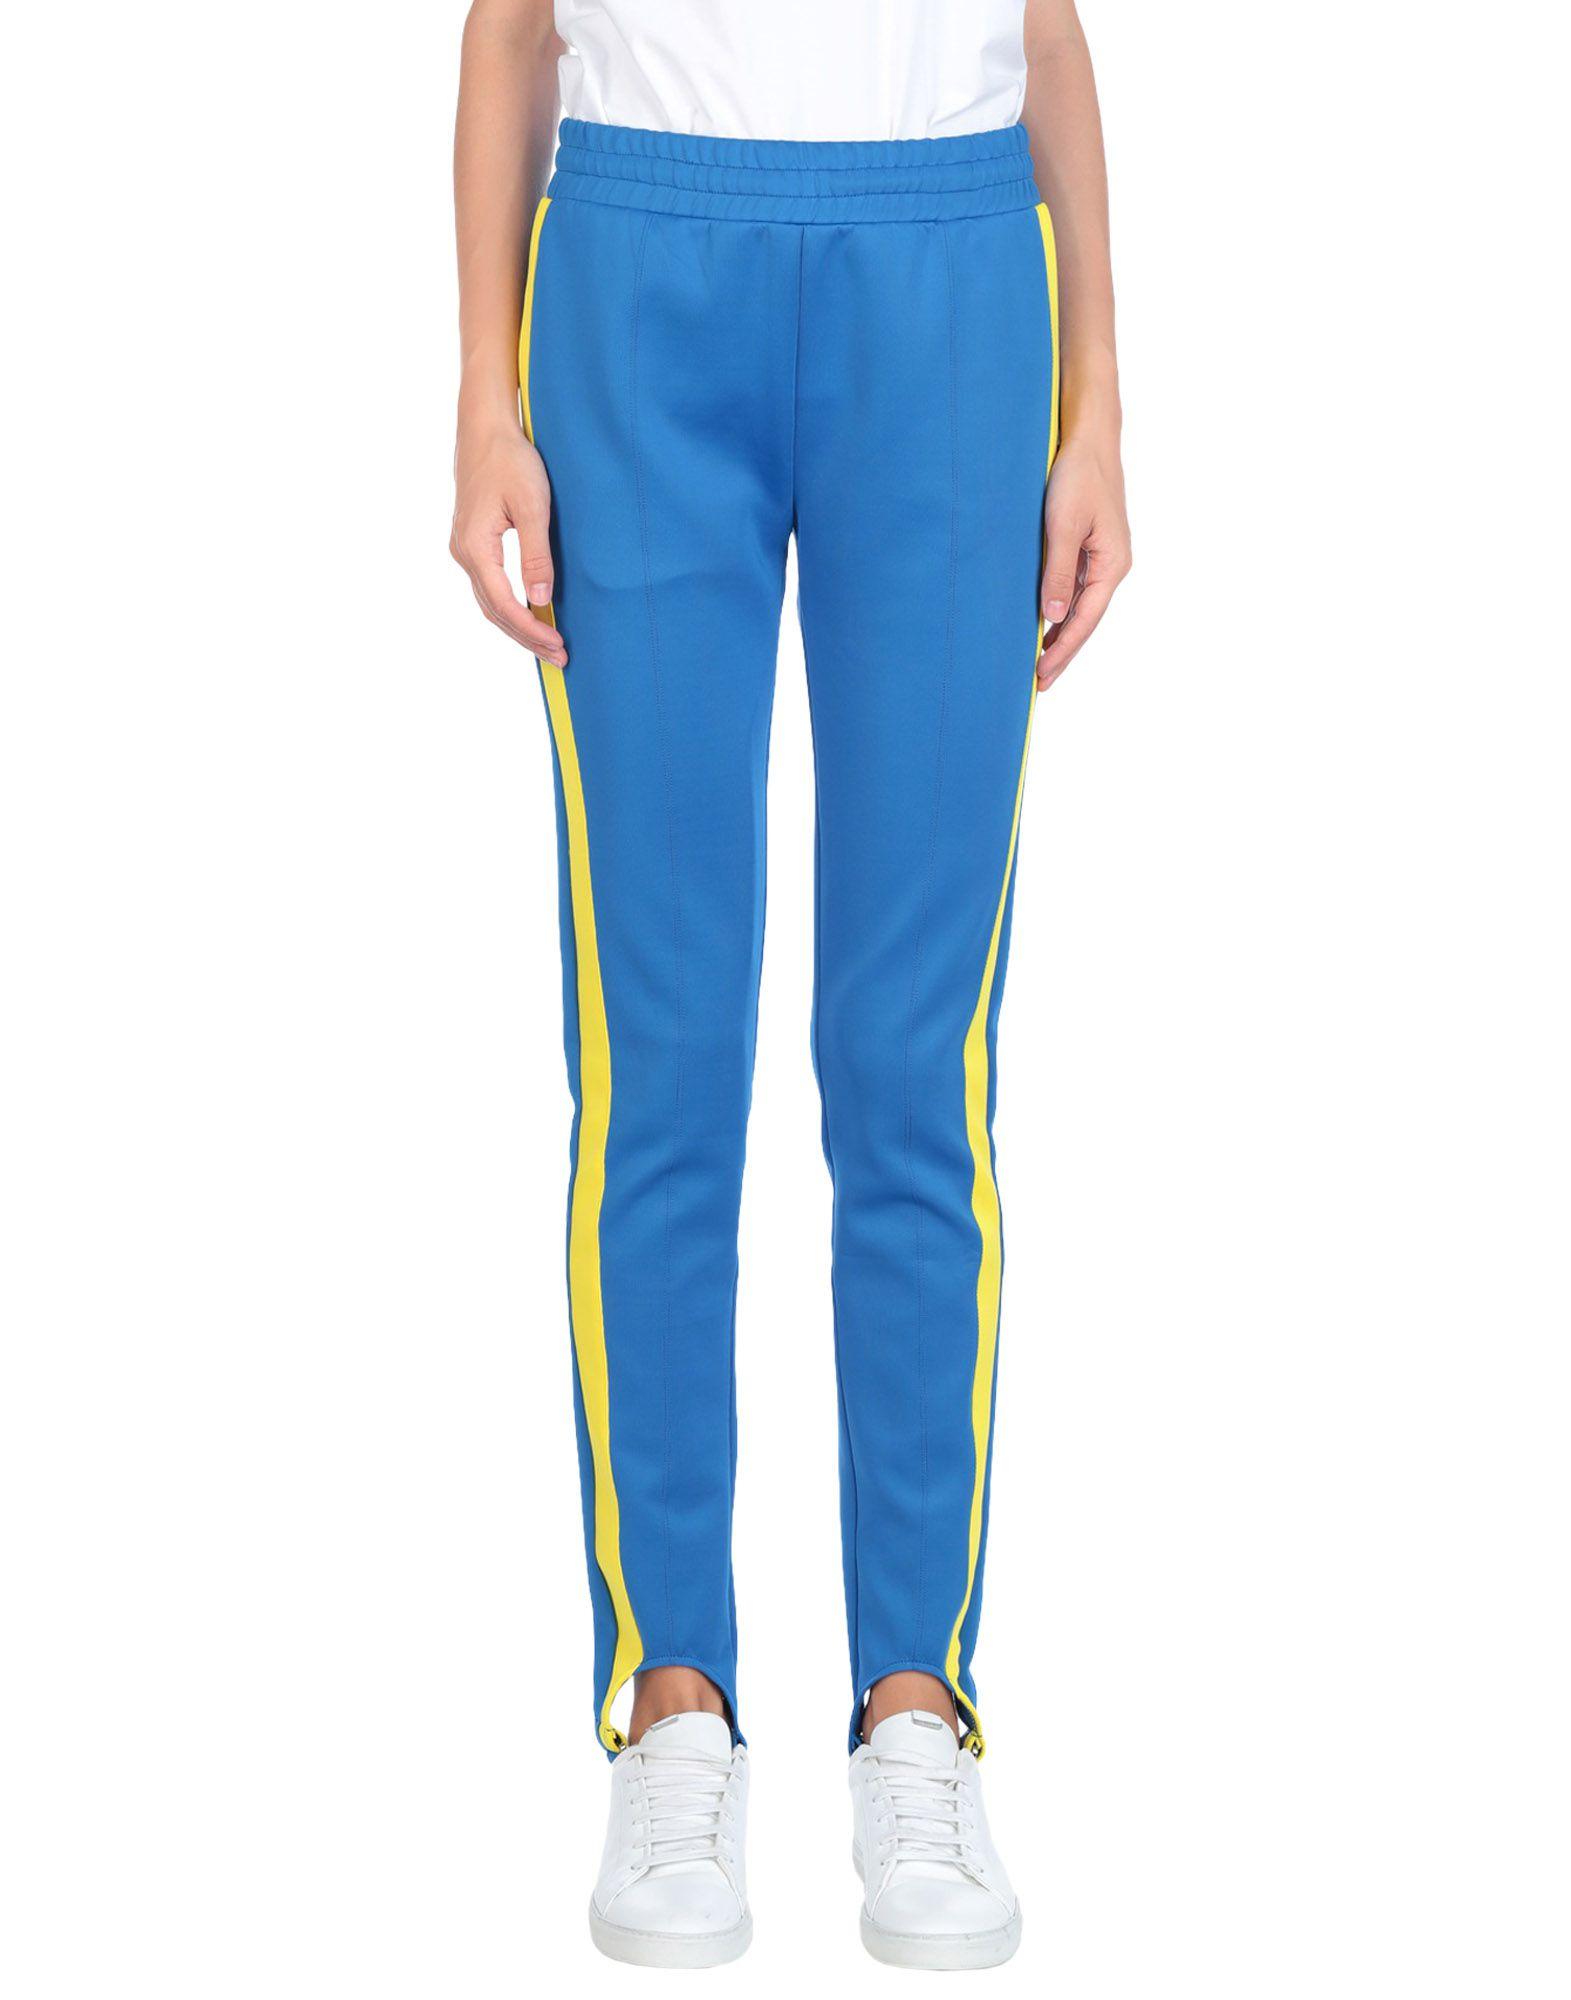 《送料無料》ROLLING ACID レディース パンツ ブルー L ポリエステル 100%